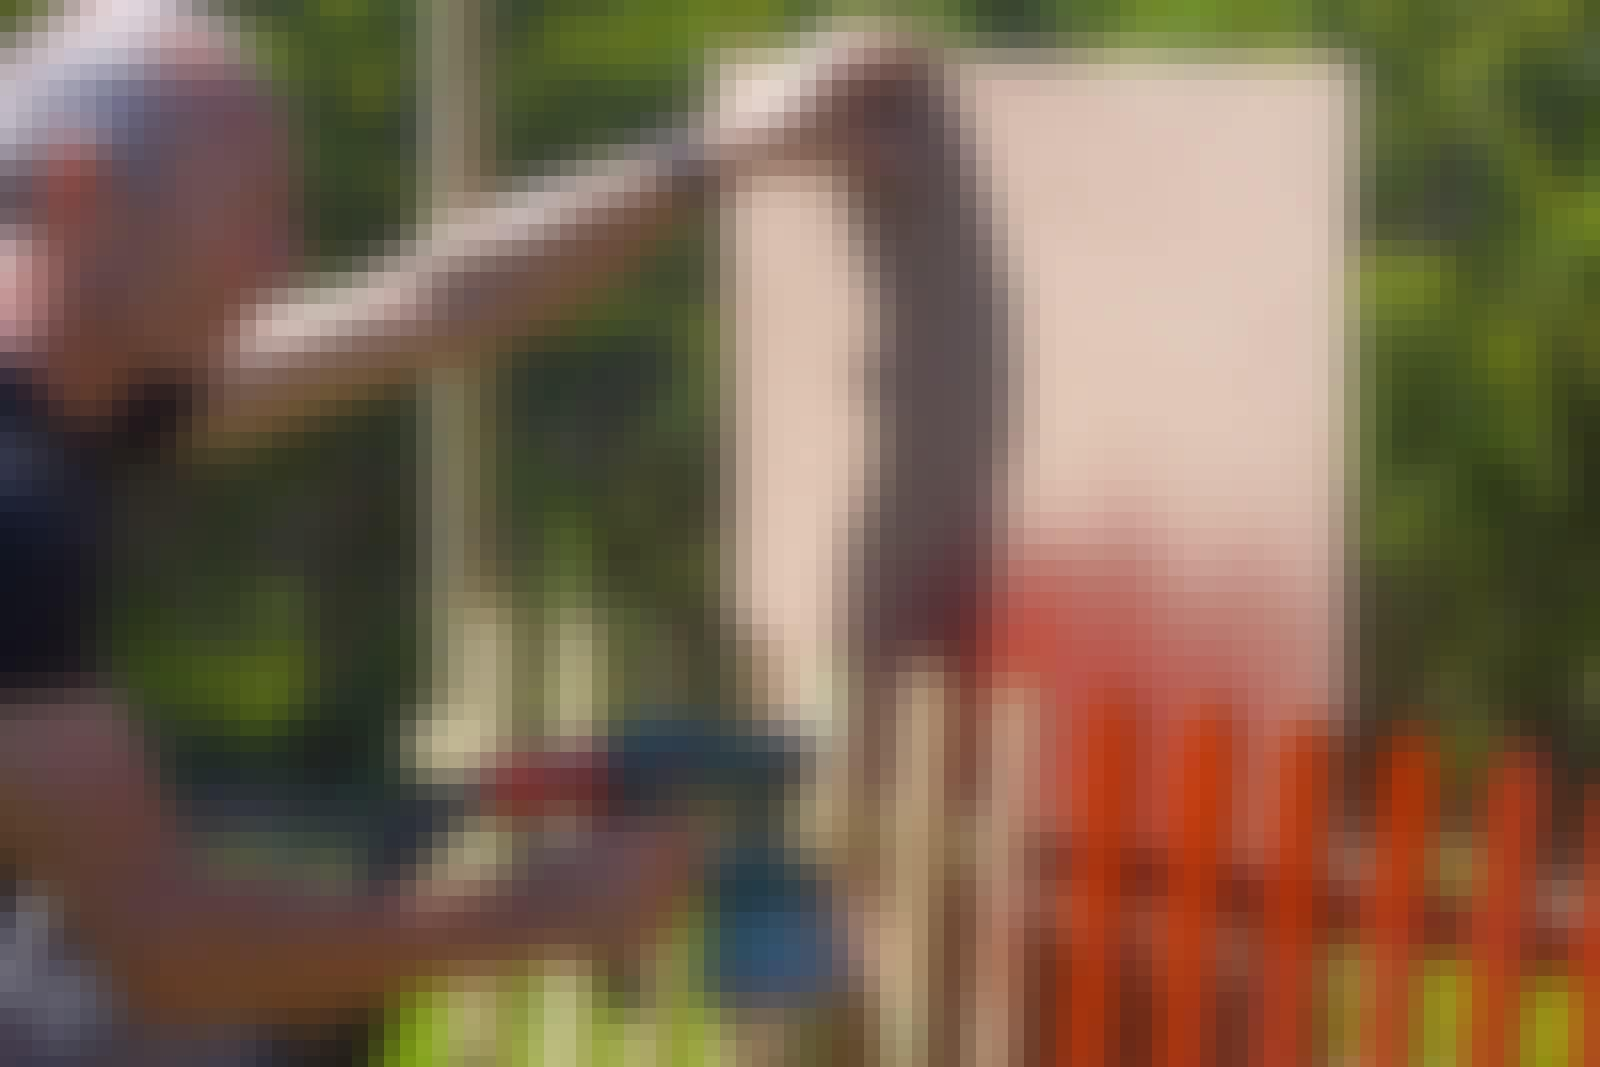 Sprutmålning: Här fixas avgränsningen med en skiva som följer med längs staketet!